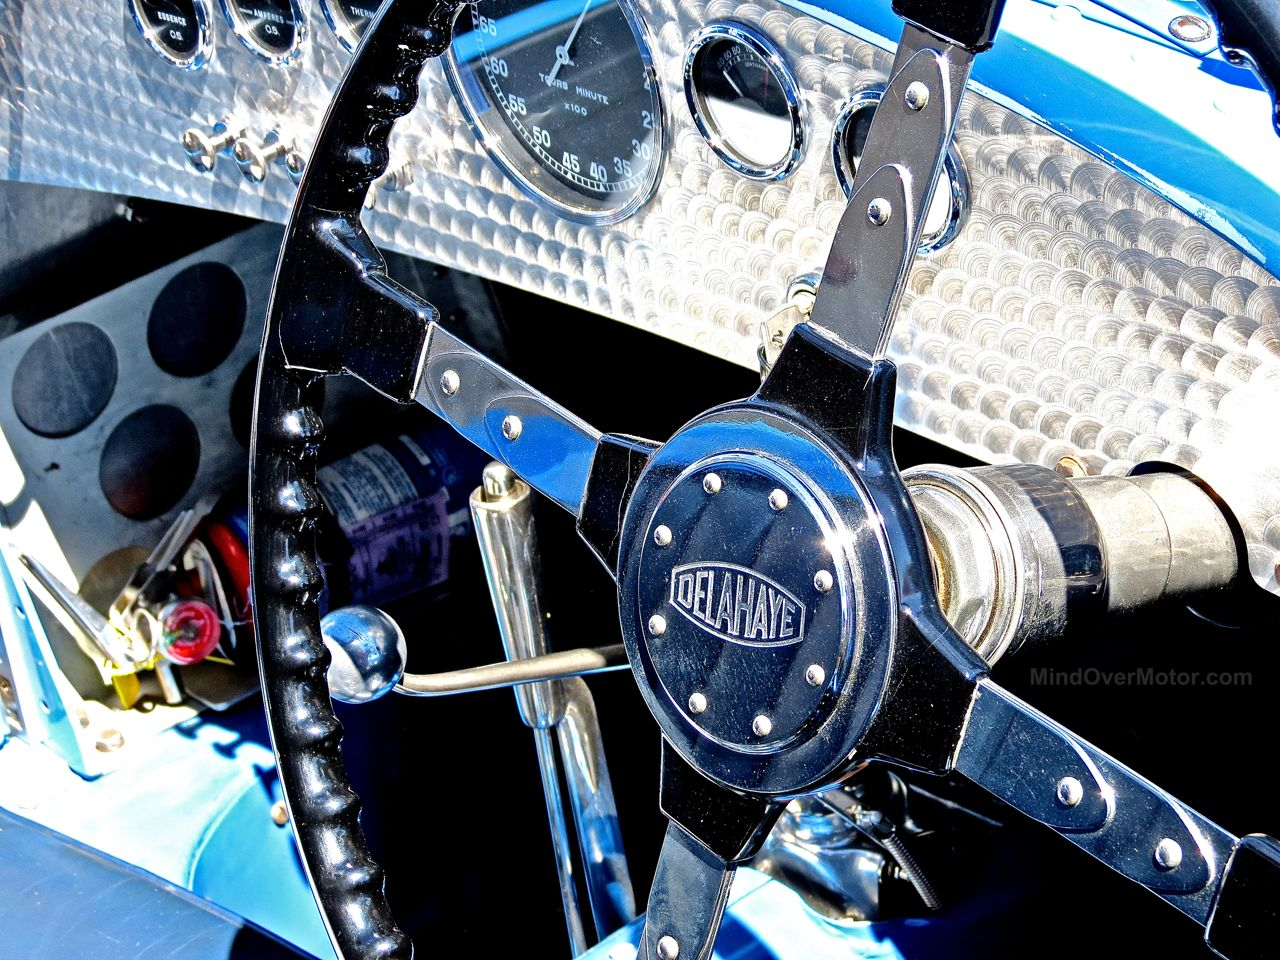 Delahaye Racecar Laguna Seca Paddock